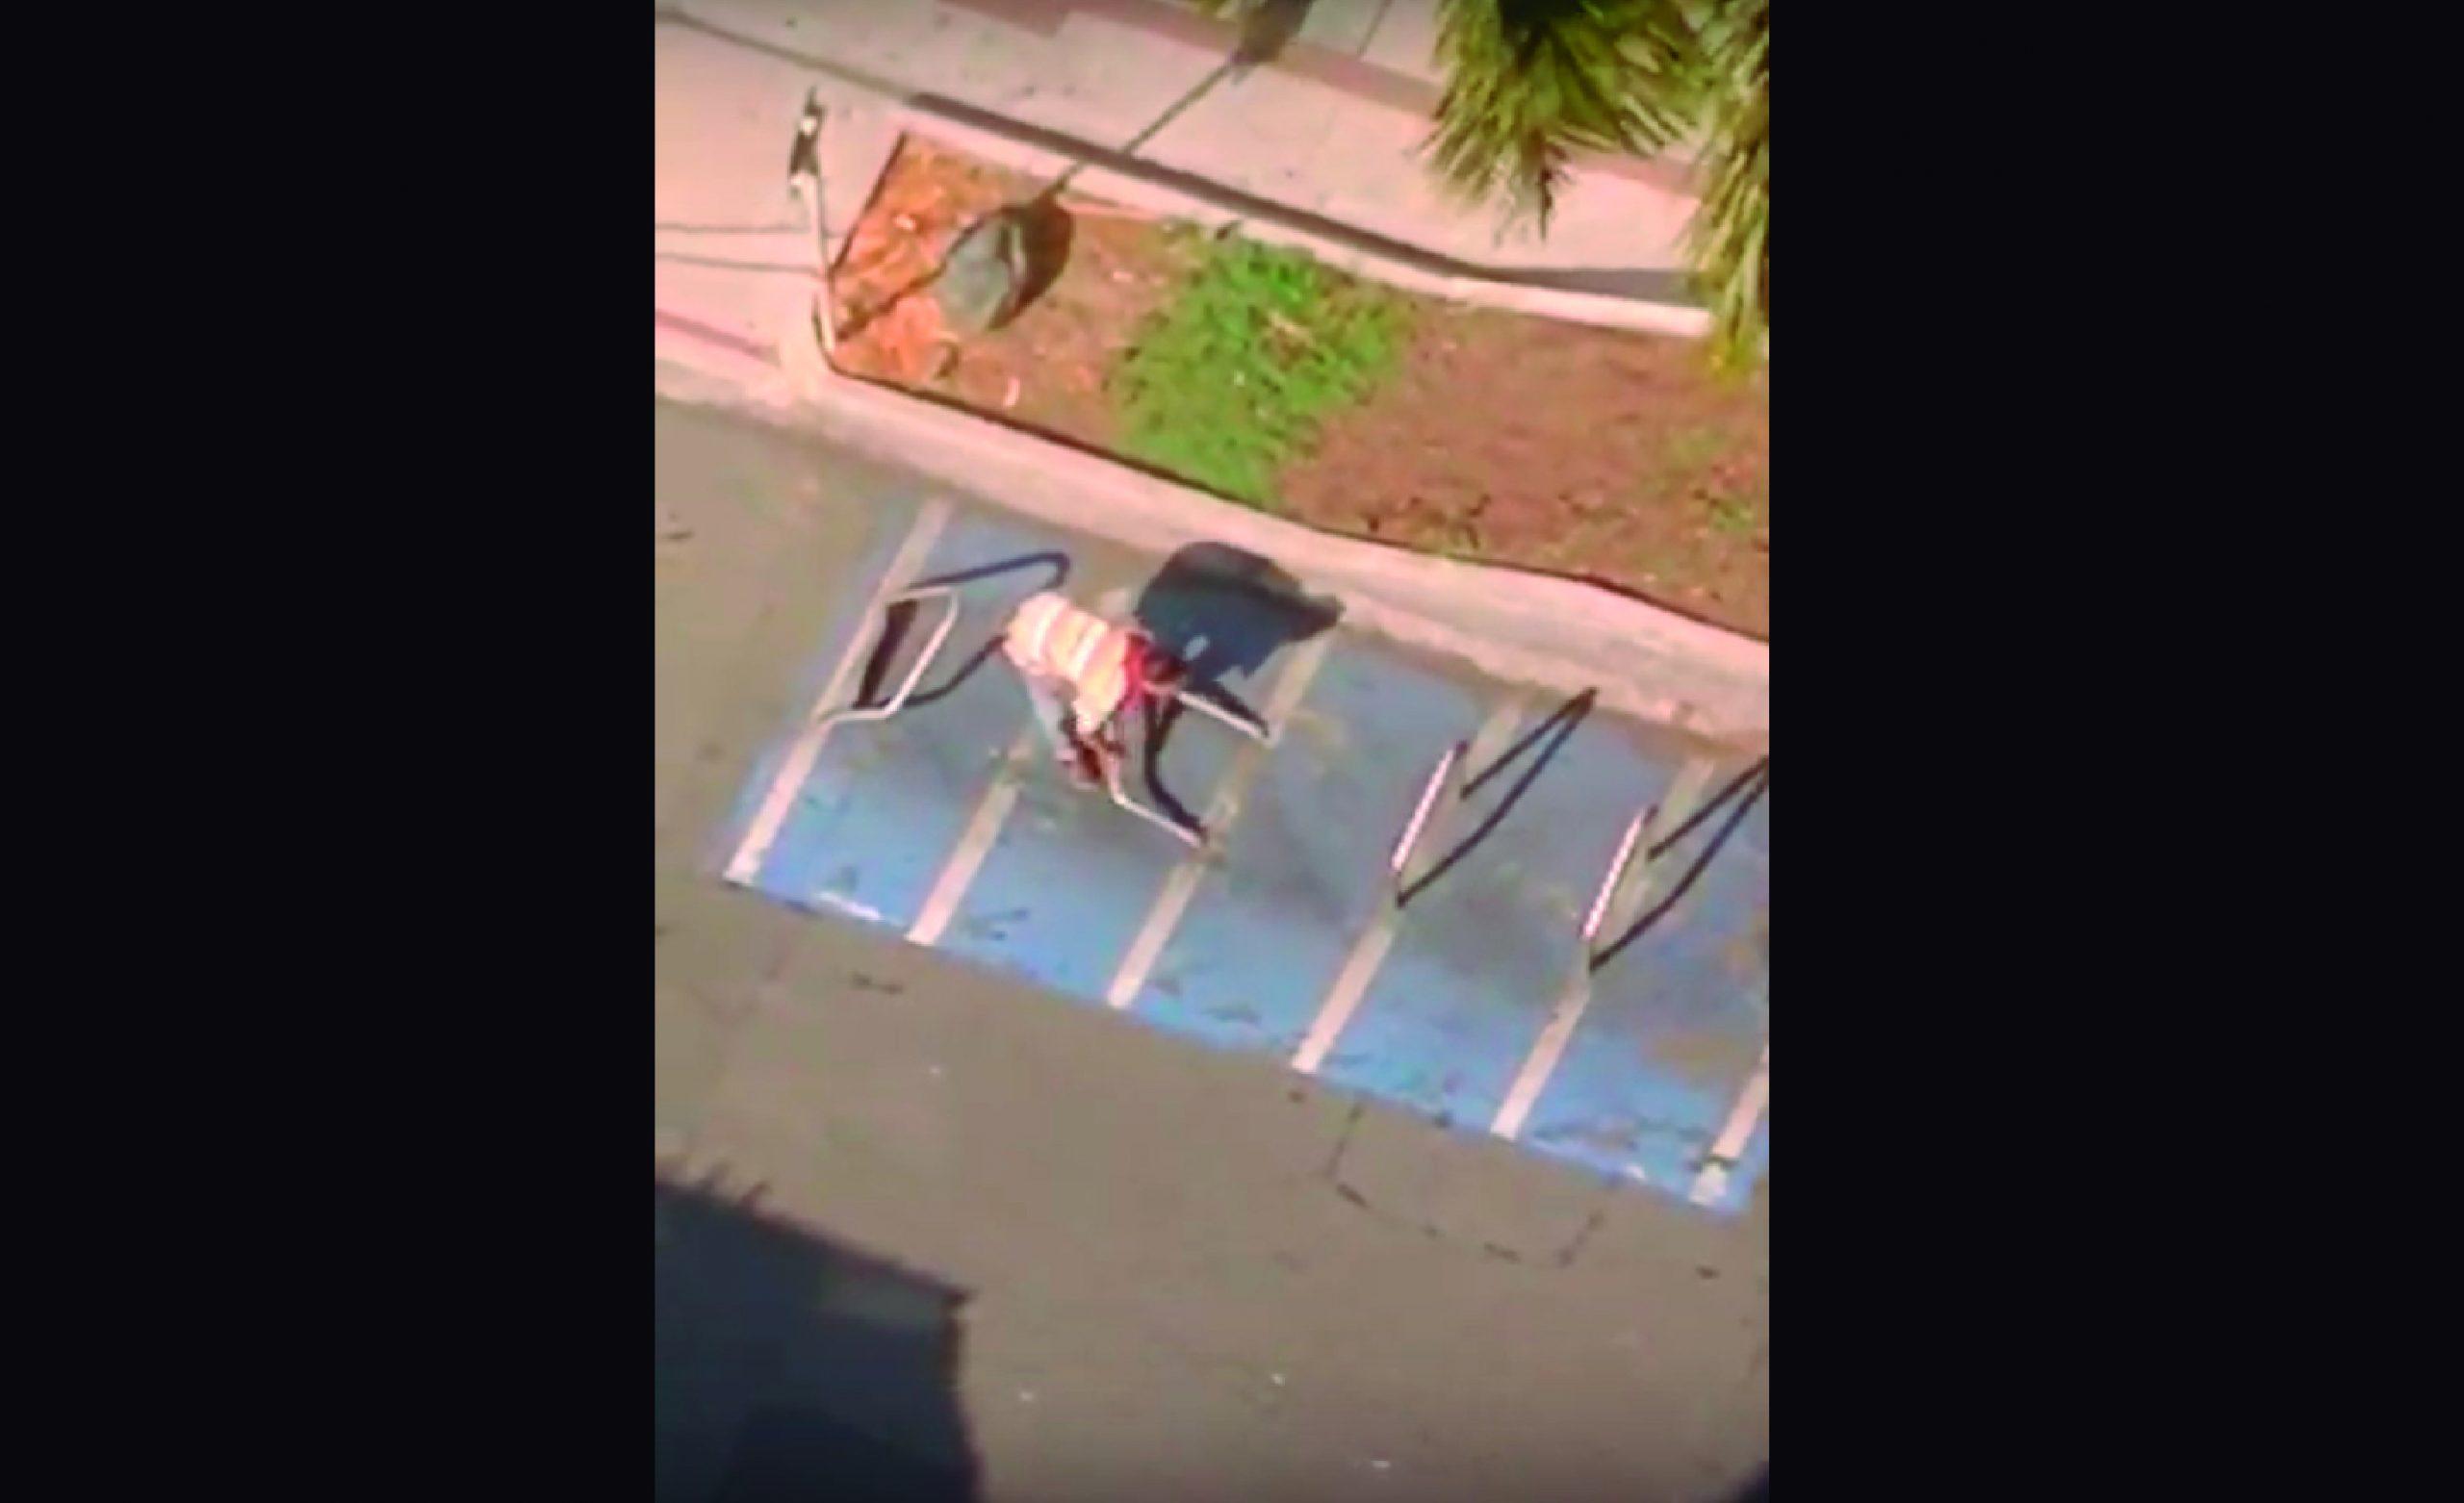 EN VIDEO | Vandalismo en parqueaderos públicos de bicicletas